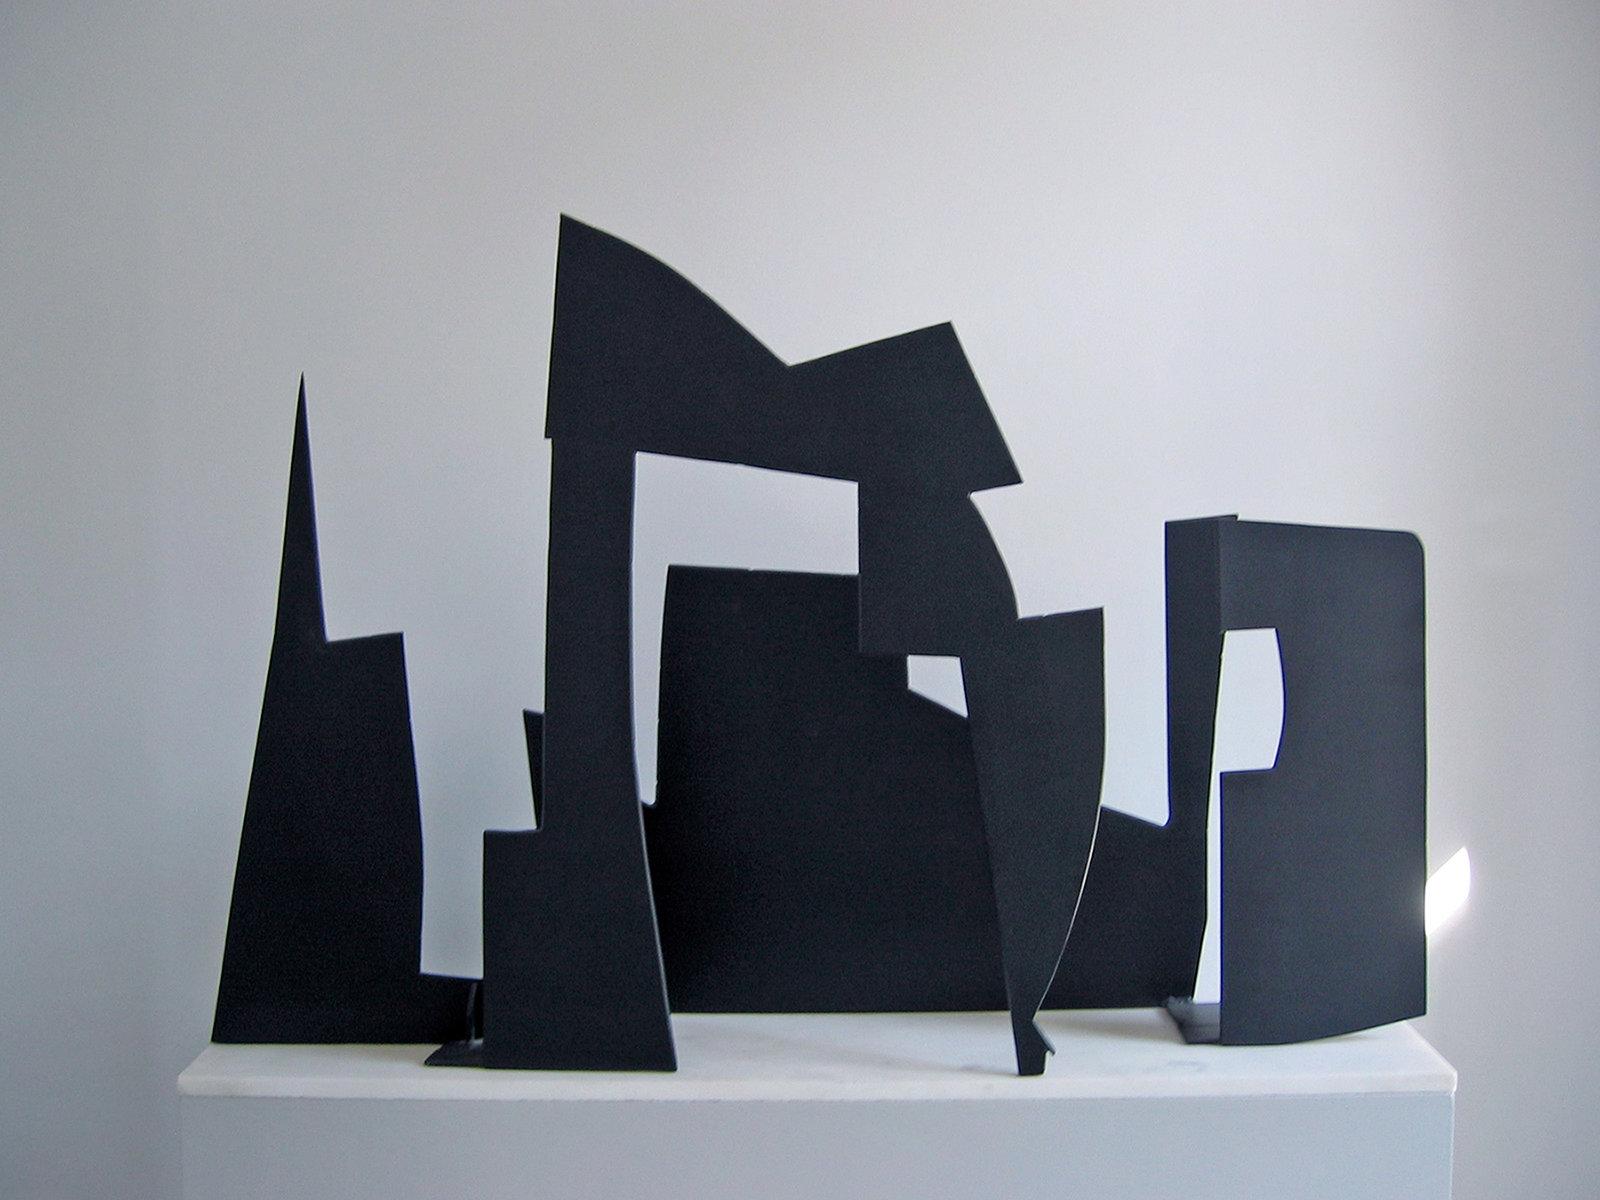 Άλεξ Μυλωνά Μυκήνες, 1960 Σίδερο, 60 x 120 εκ. Έργο από την έκθεση «Άλεξ Μυλωνά (1920-2016)» στο MOMus - Μουσείο Άλεξ Μυλωνά © Μουσείο Άλεξ Μυλωνά